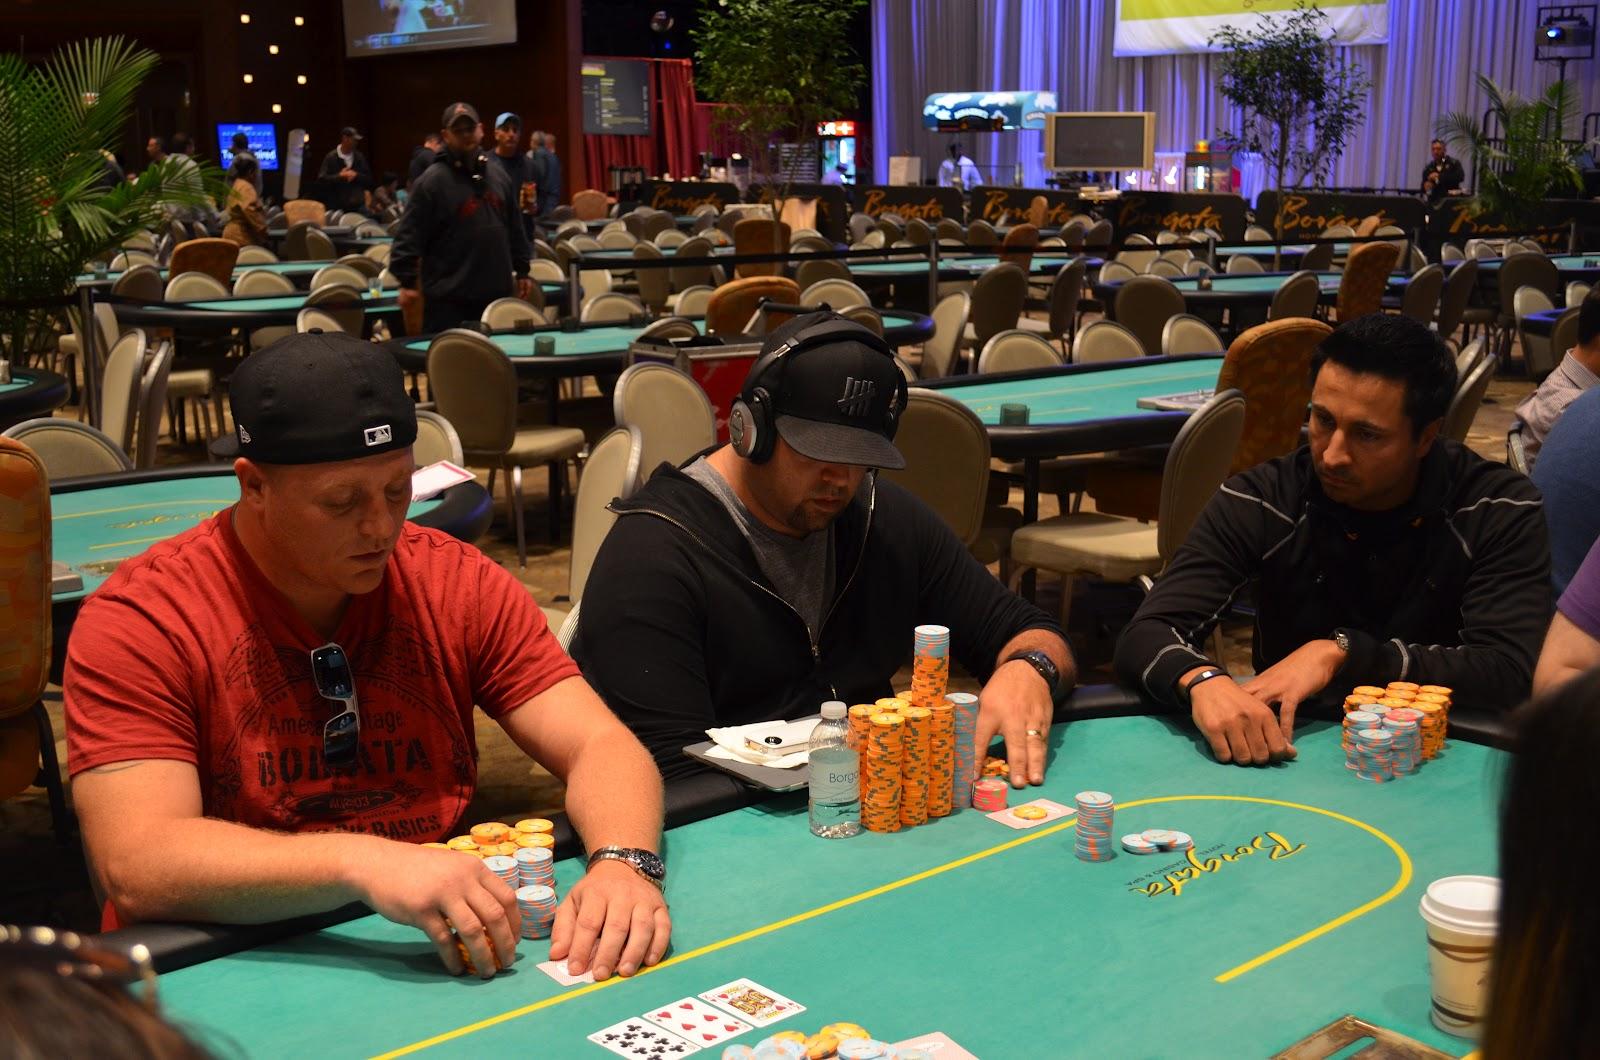 Fantasy blackjack scratch off